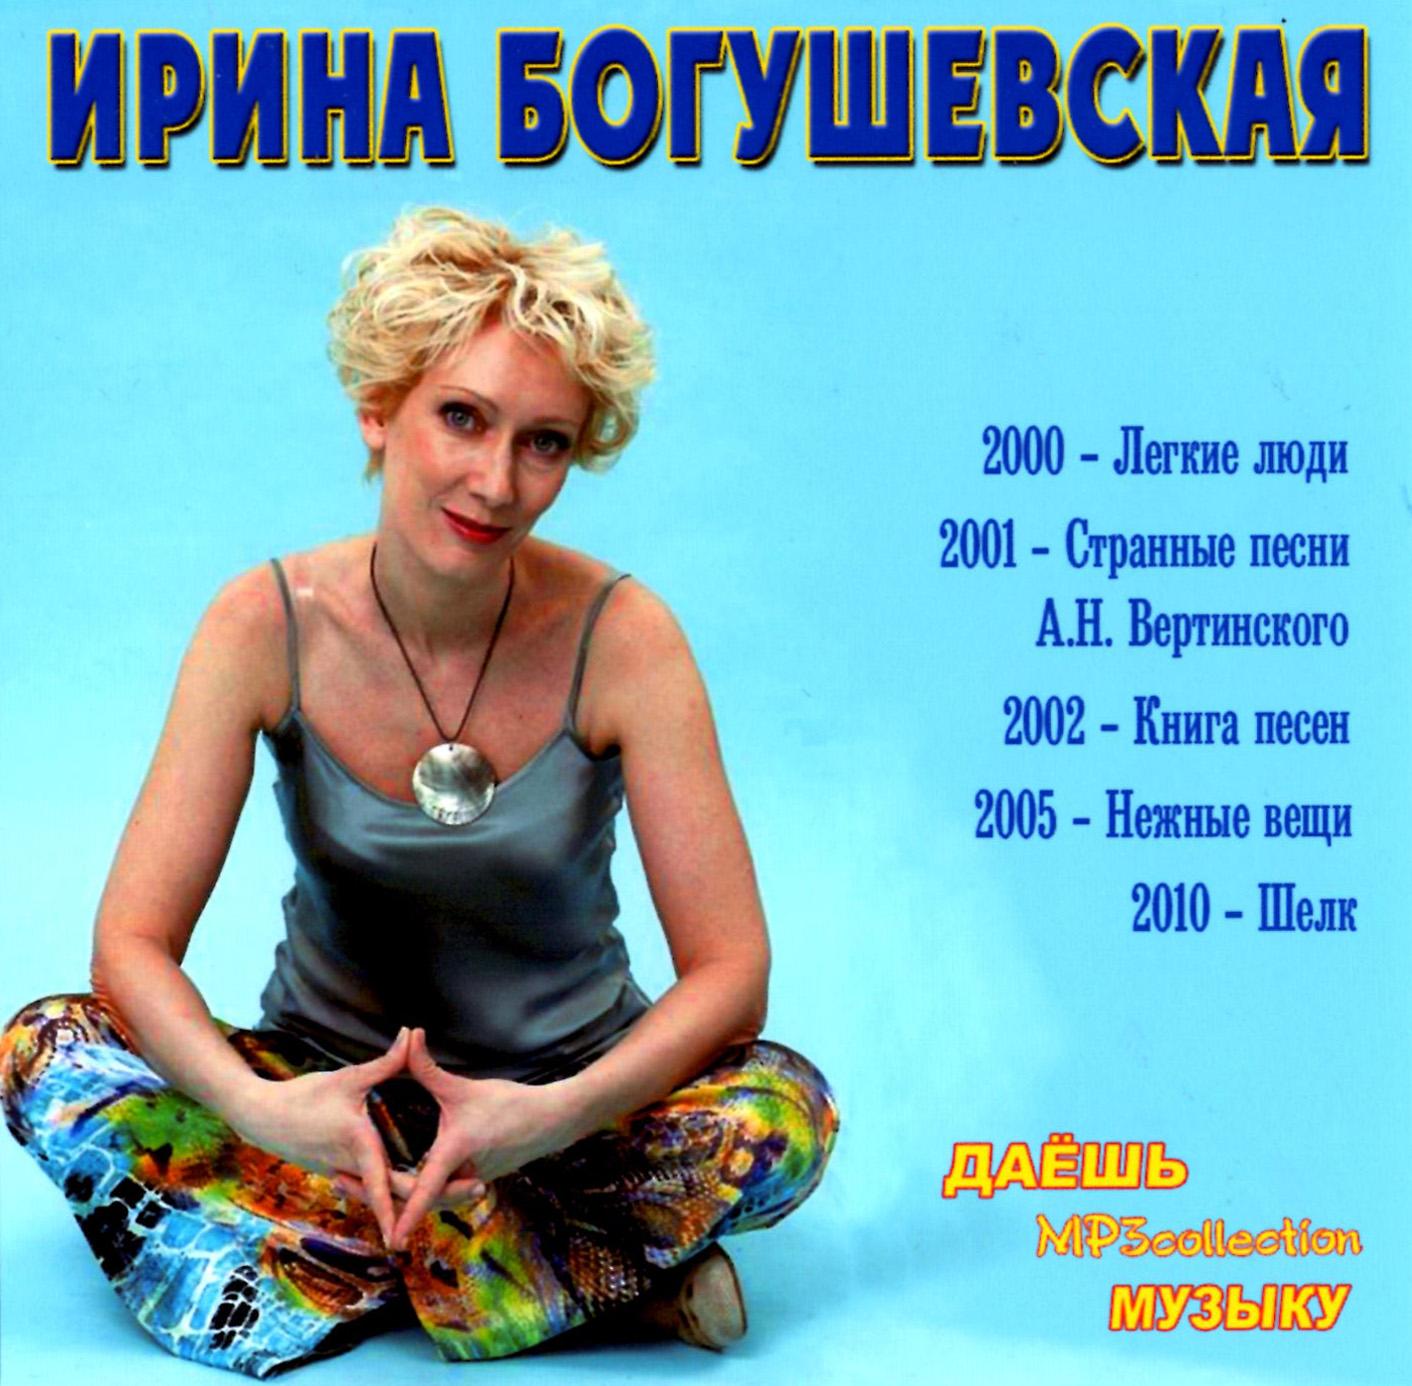 Ирина Богушевская [mp3]